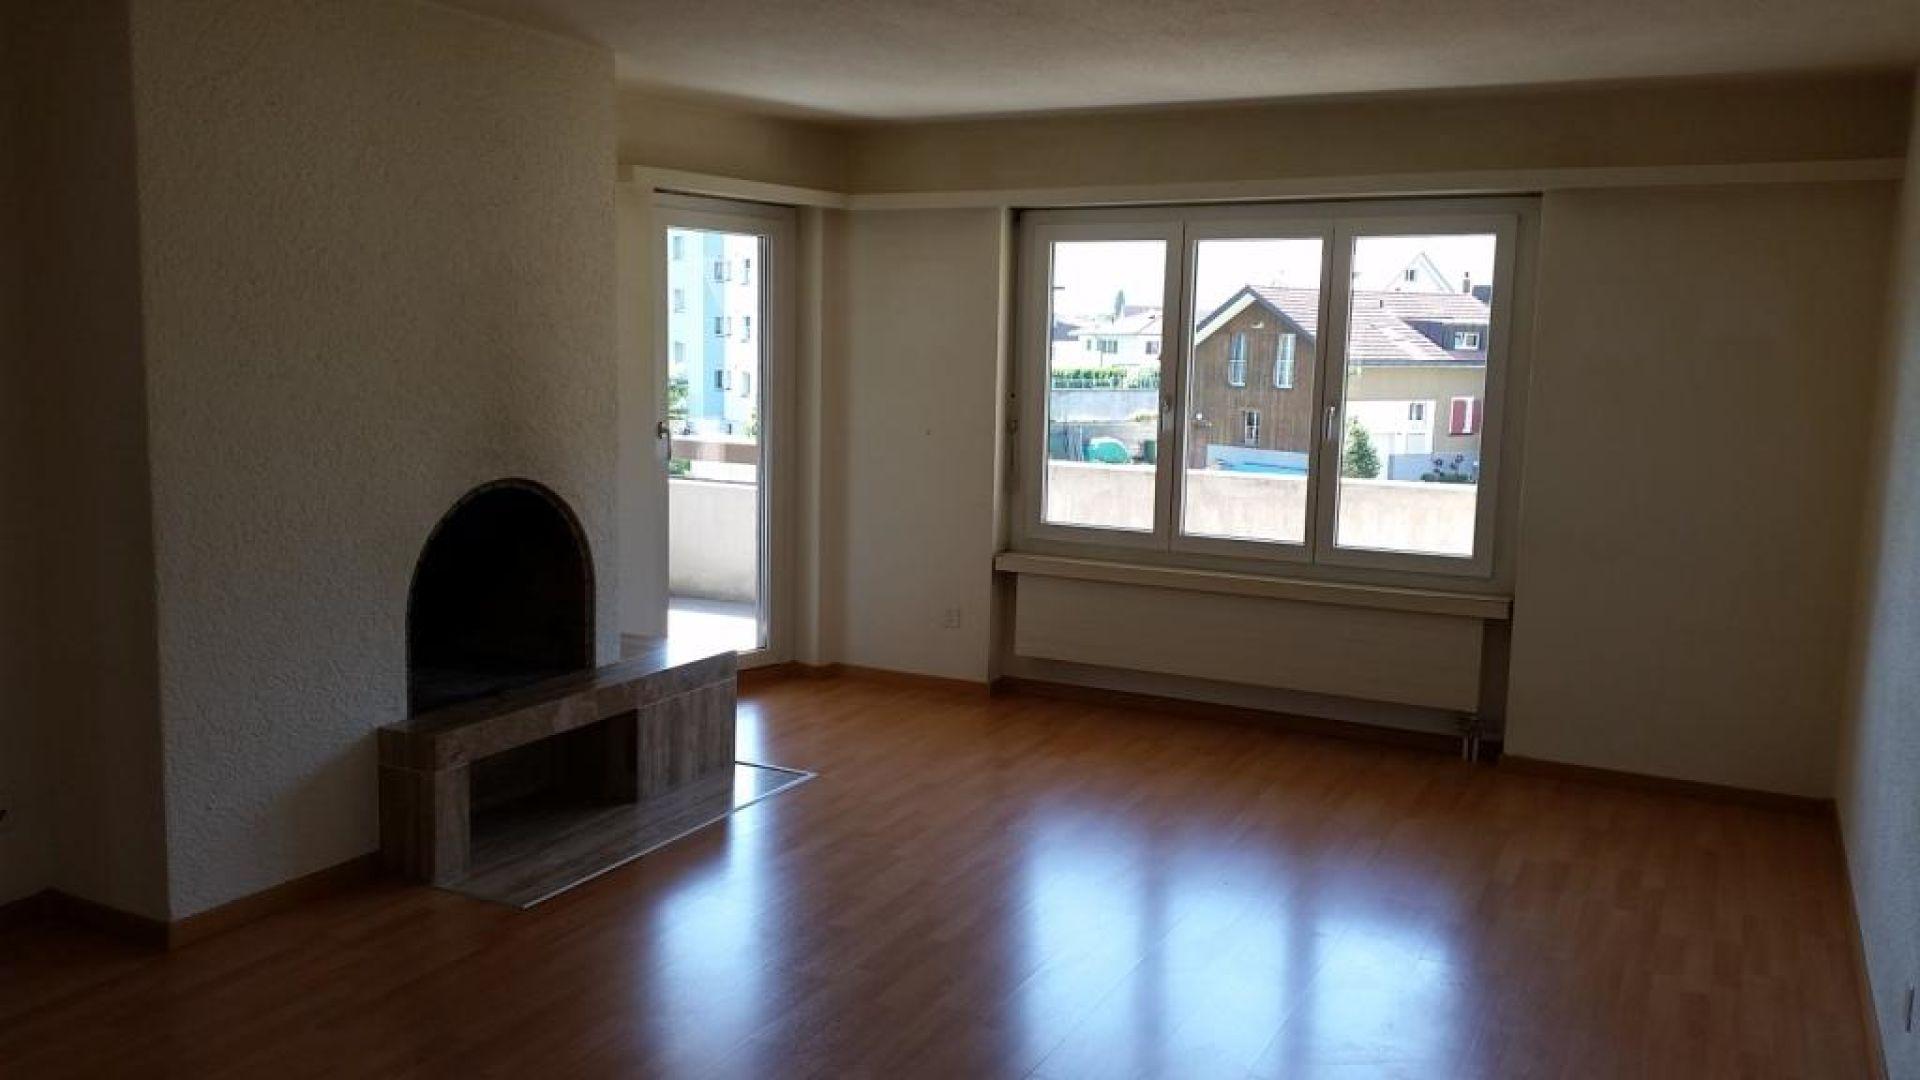 Miete: Gemütliche Wohnung mit sonnigem Balkon